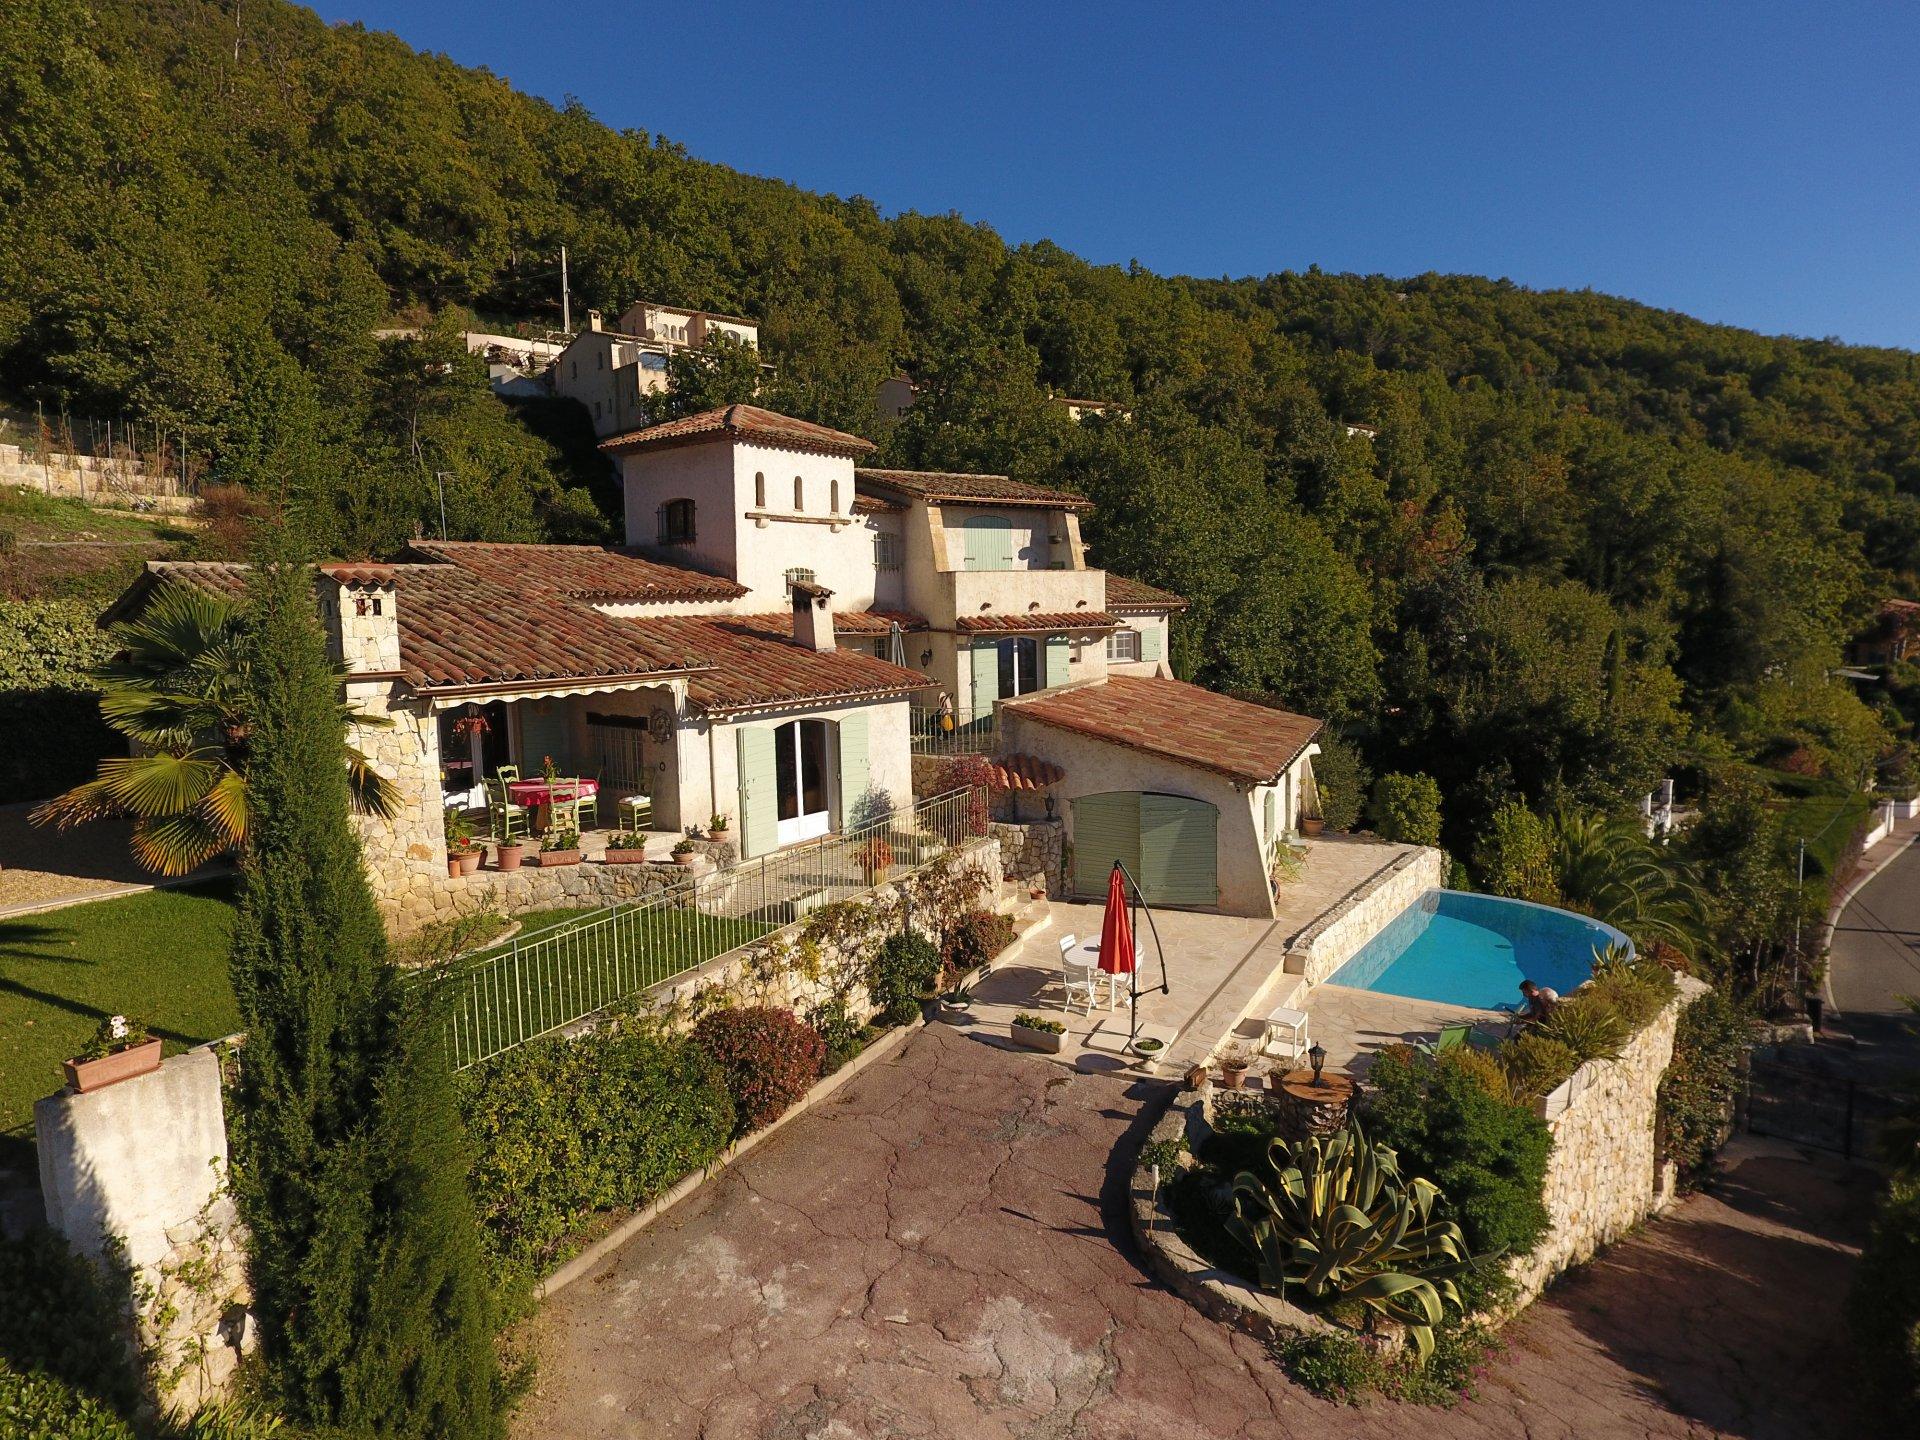 Villa sea view - 7 rooms